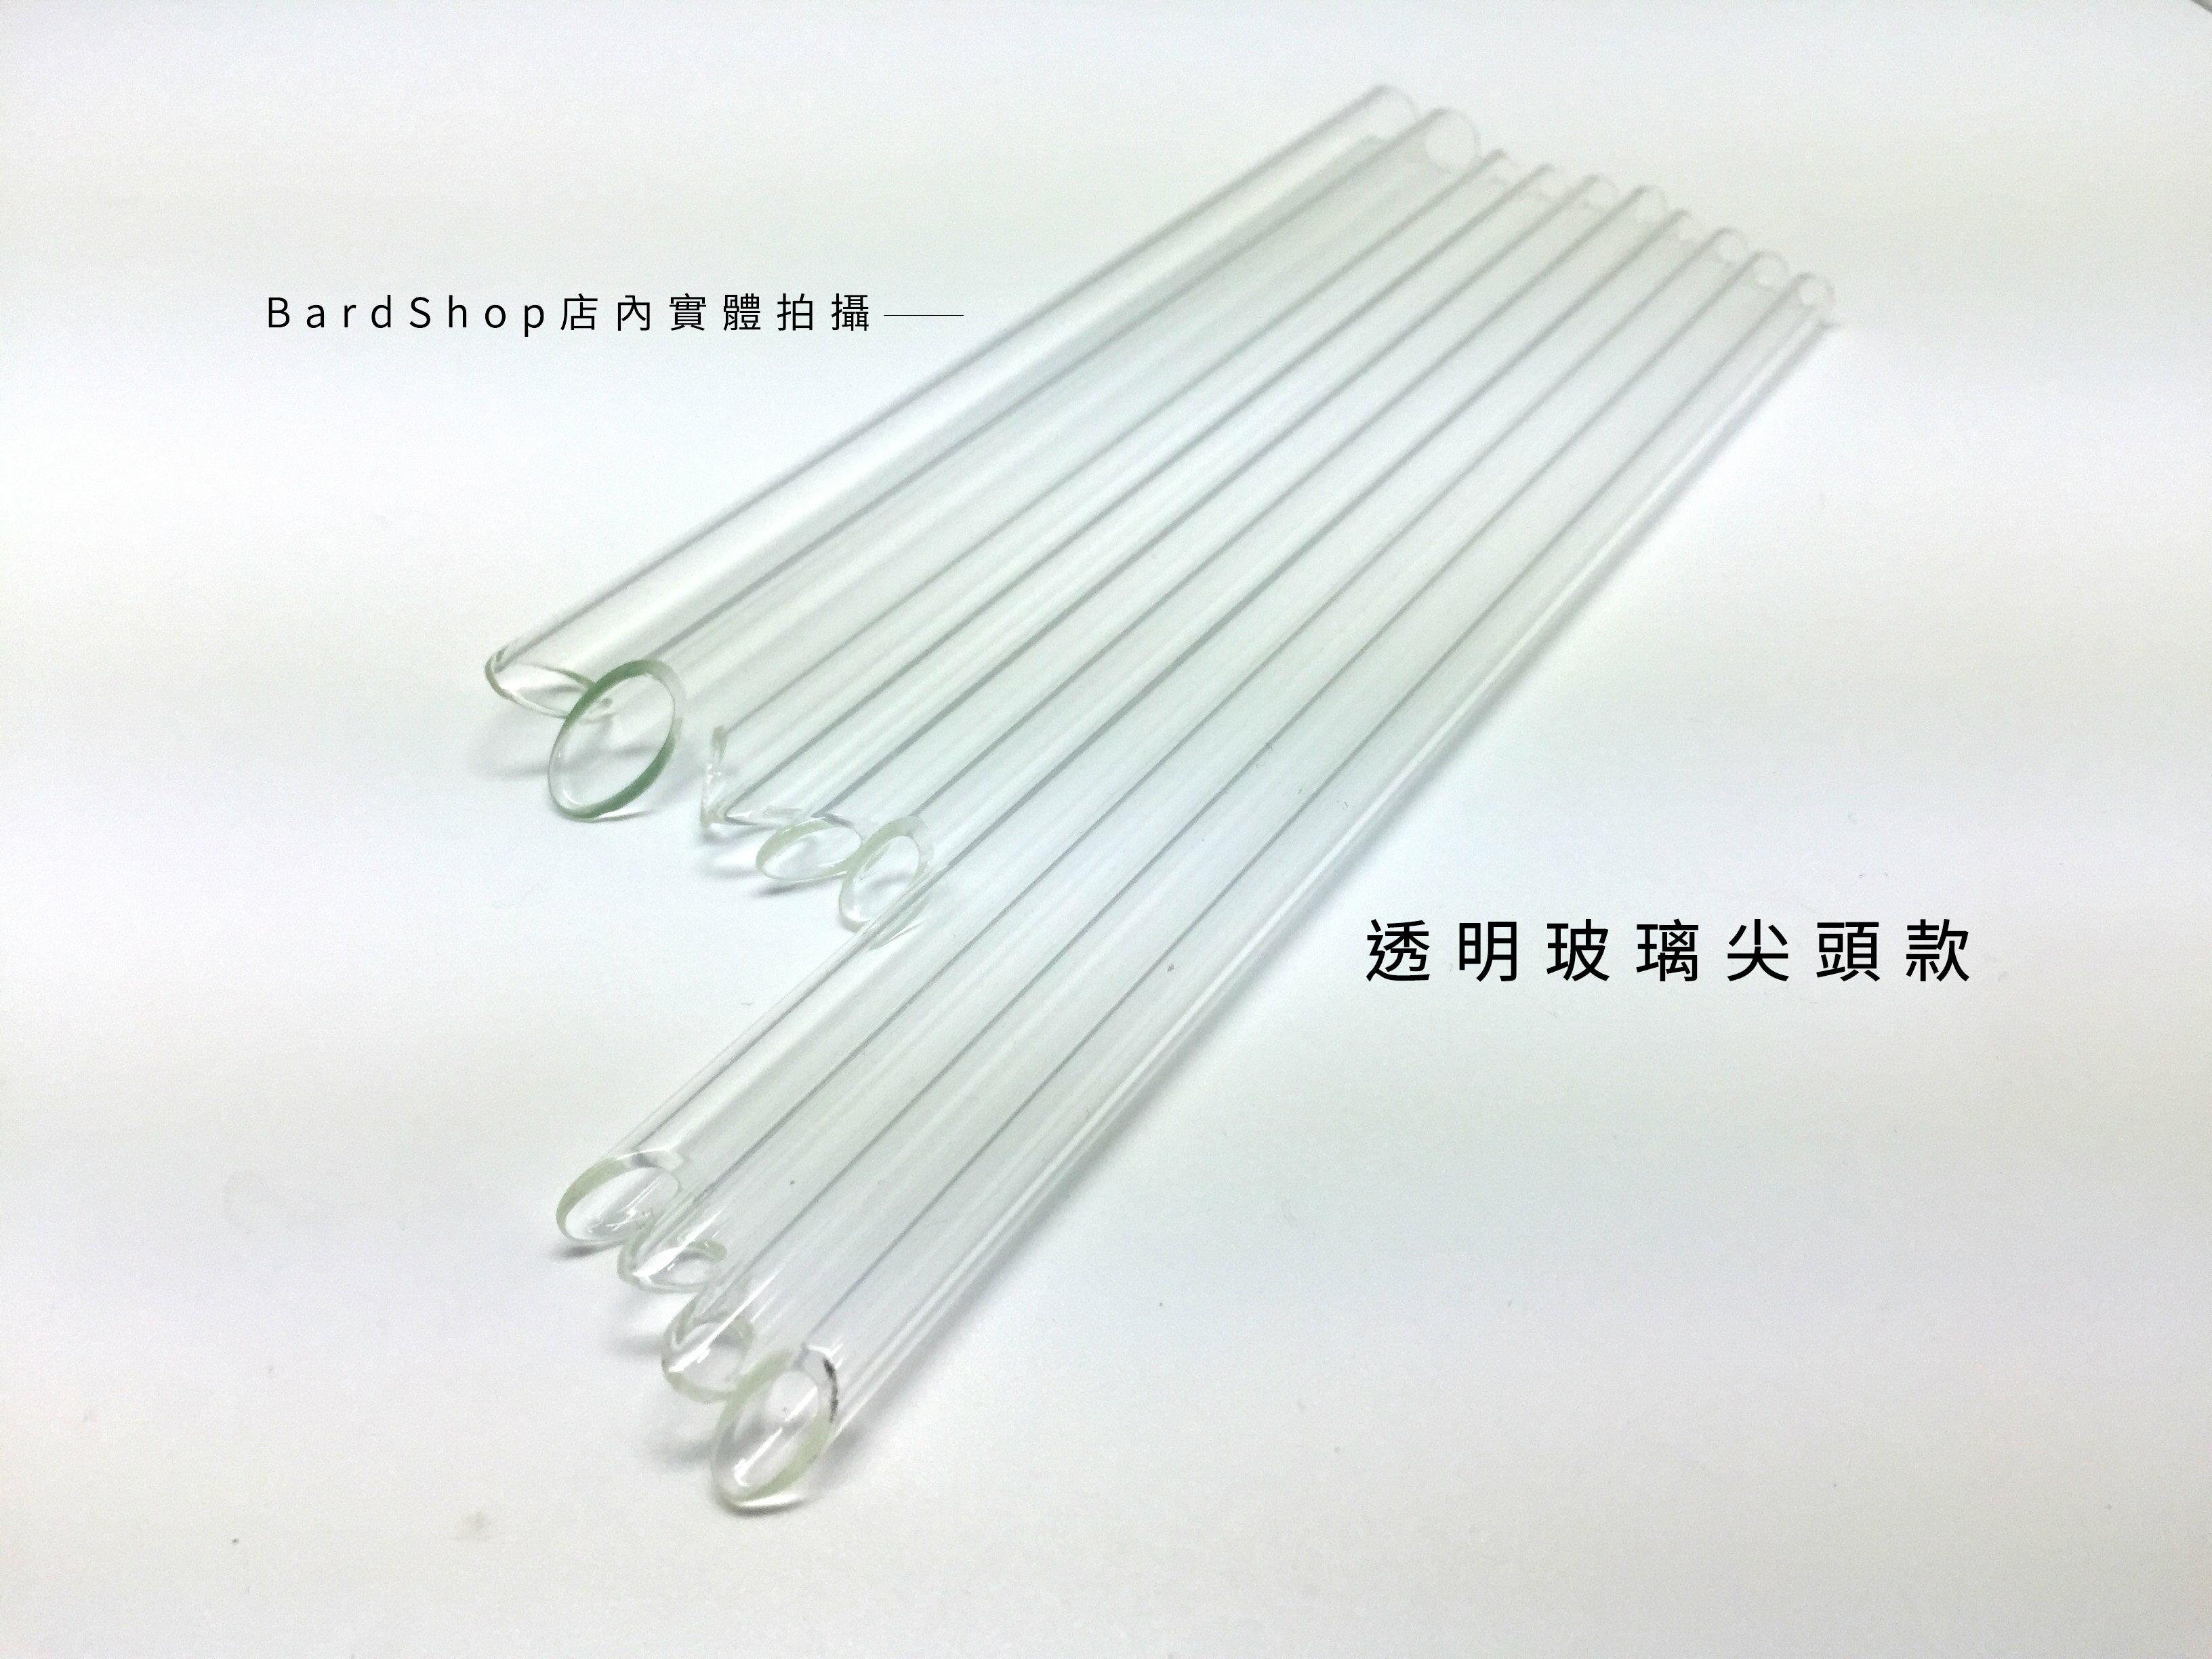 【BardShop環保小物】最美的琉璃吸管/環保創意透明玻璃吸管-彎/直/粗/細/尖頭款 2